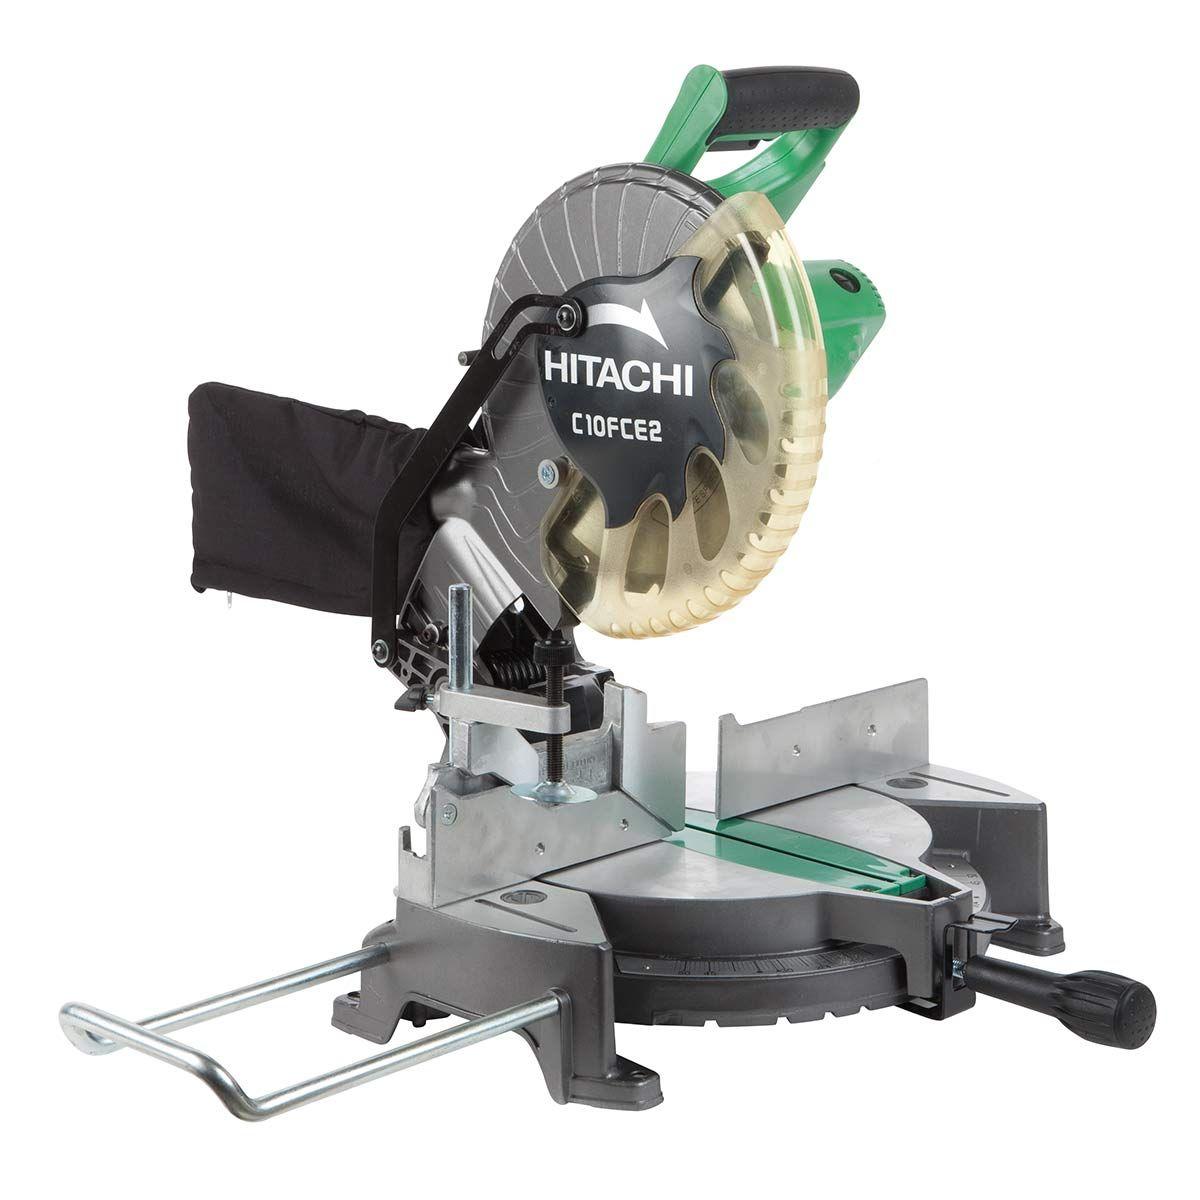 """Hitachi C10FCE2 10"""" Compound Miter Saw (Recon Grade A) $64"""